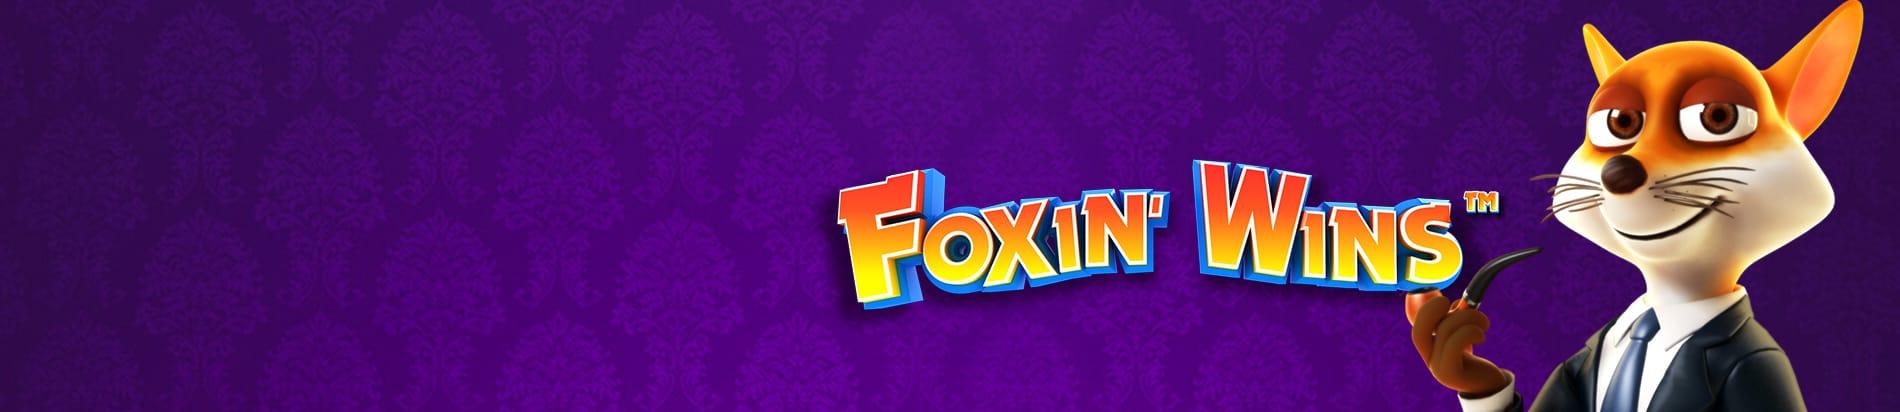 Foxin' Wins Slots Mega Reel